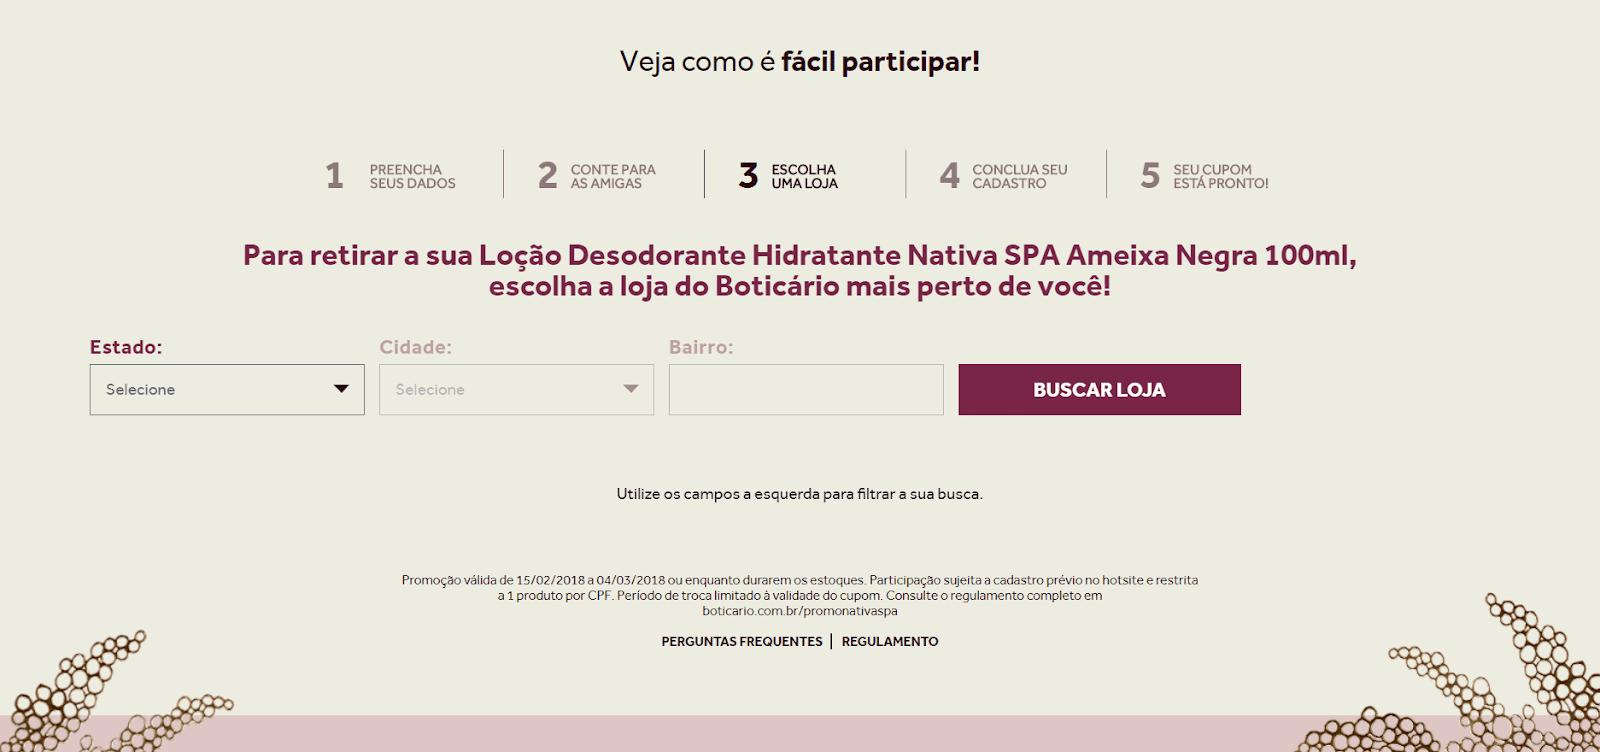 Nativa Spa Ameixa Negra O Boticário